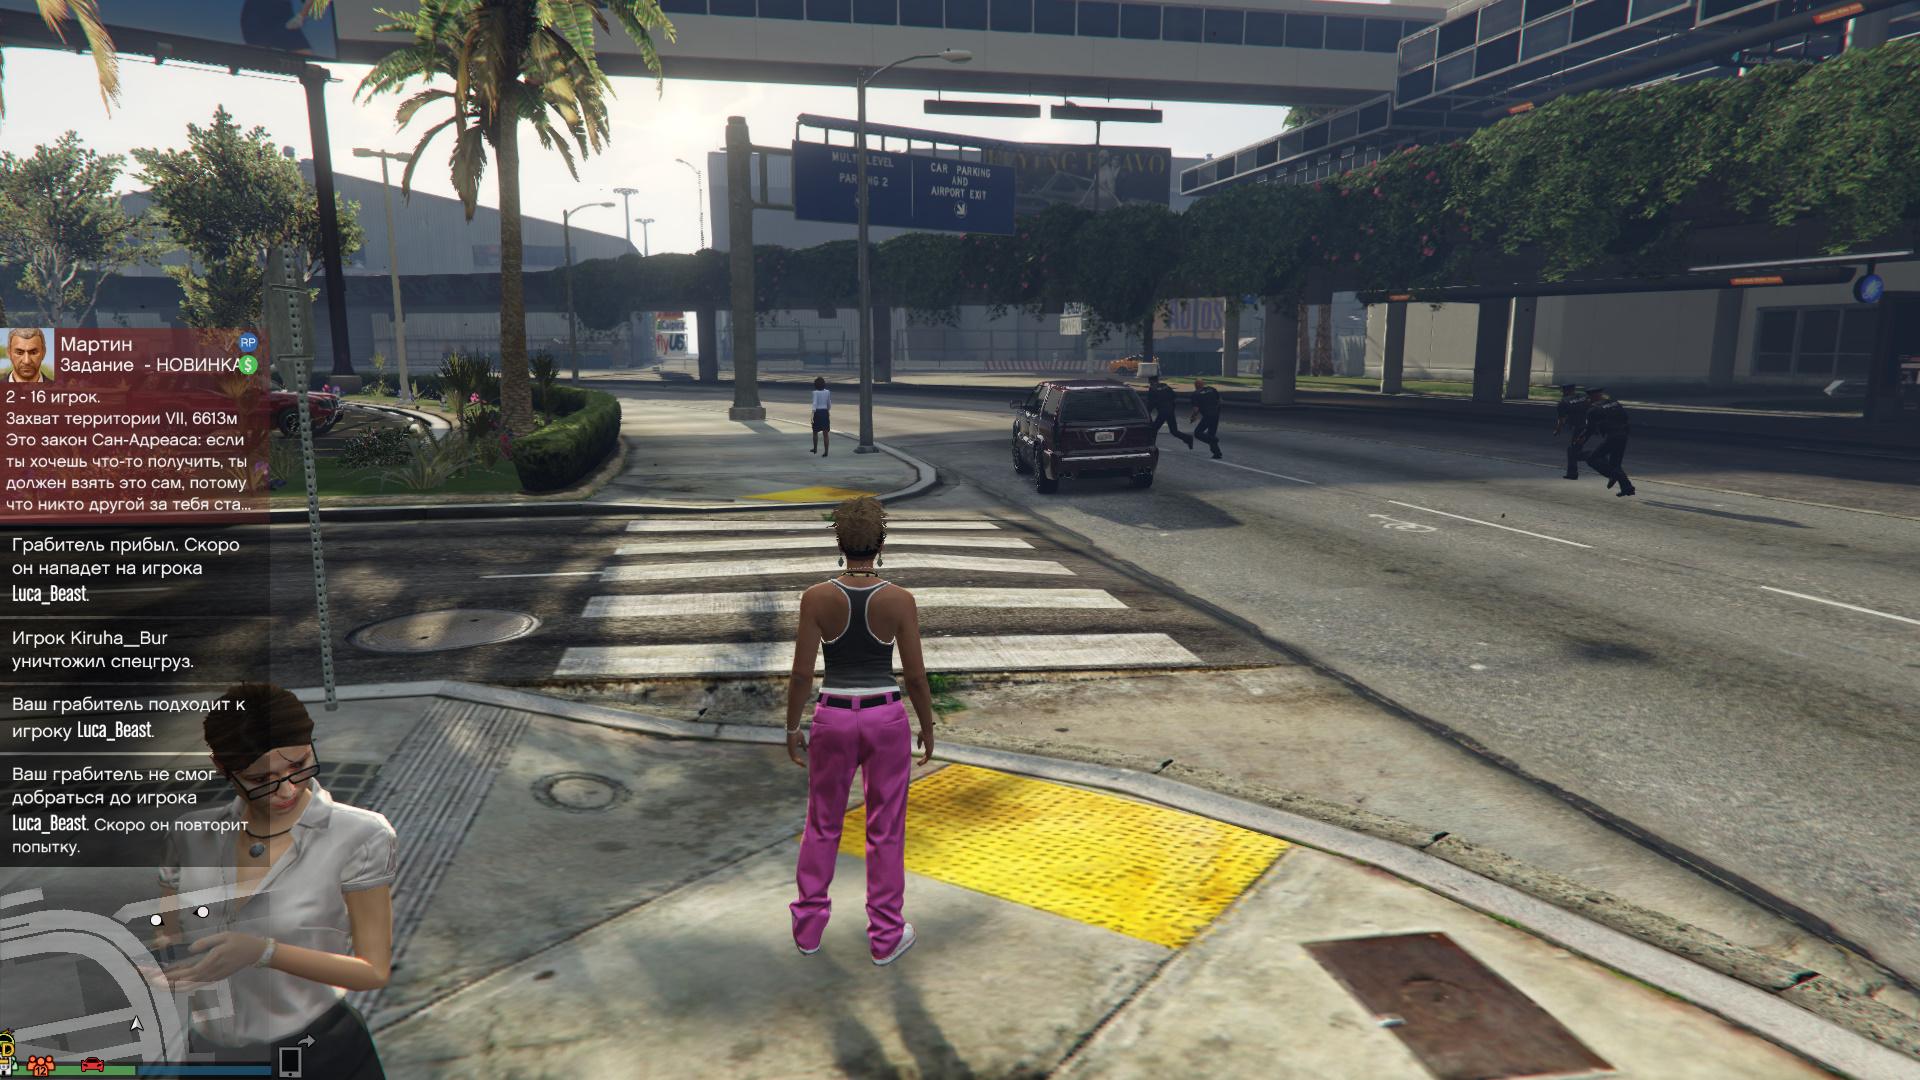 GTA5 2017-04-16 15-16-32-296.jpg - Grand Theft Auto 5 Открытый мир